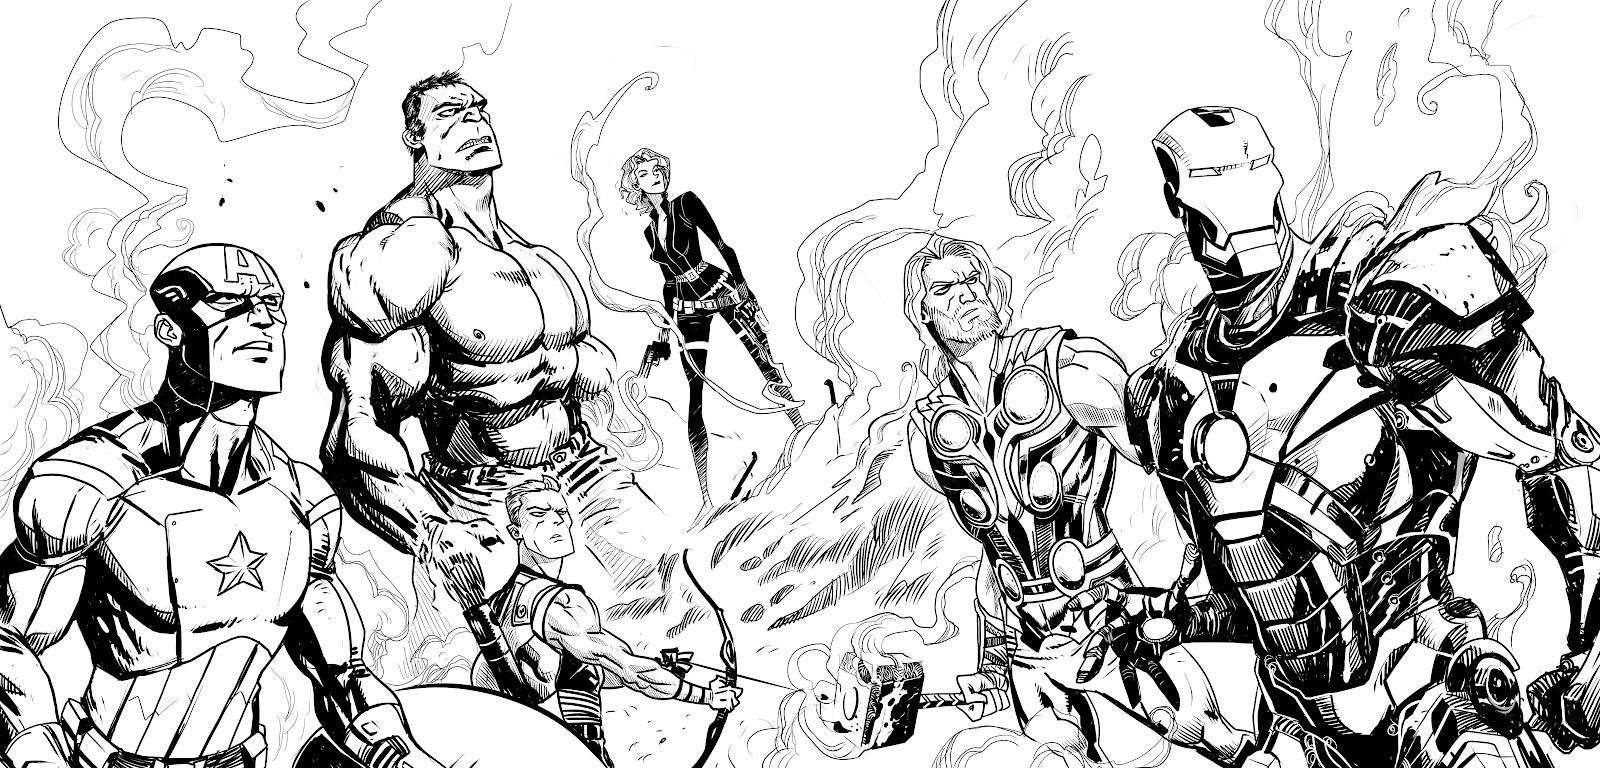 Coloriage De Avengers A Colorier Pour Enfants Coloriage Avengers Coloriages Pour Enfants